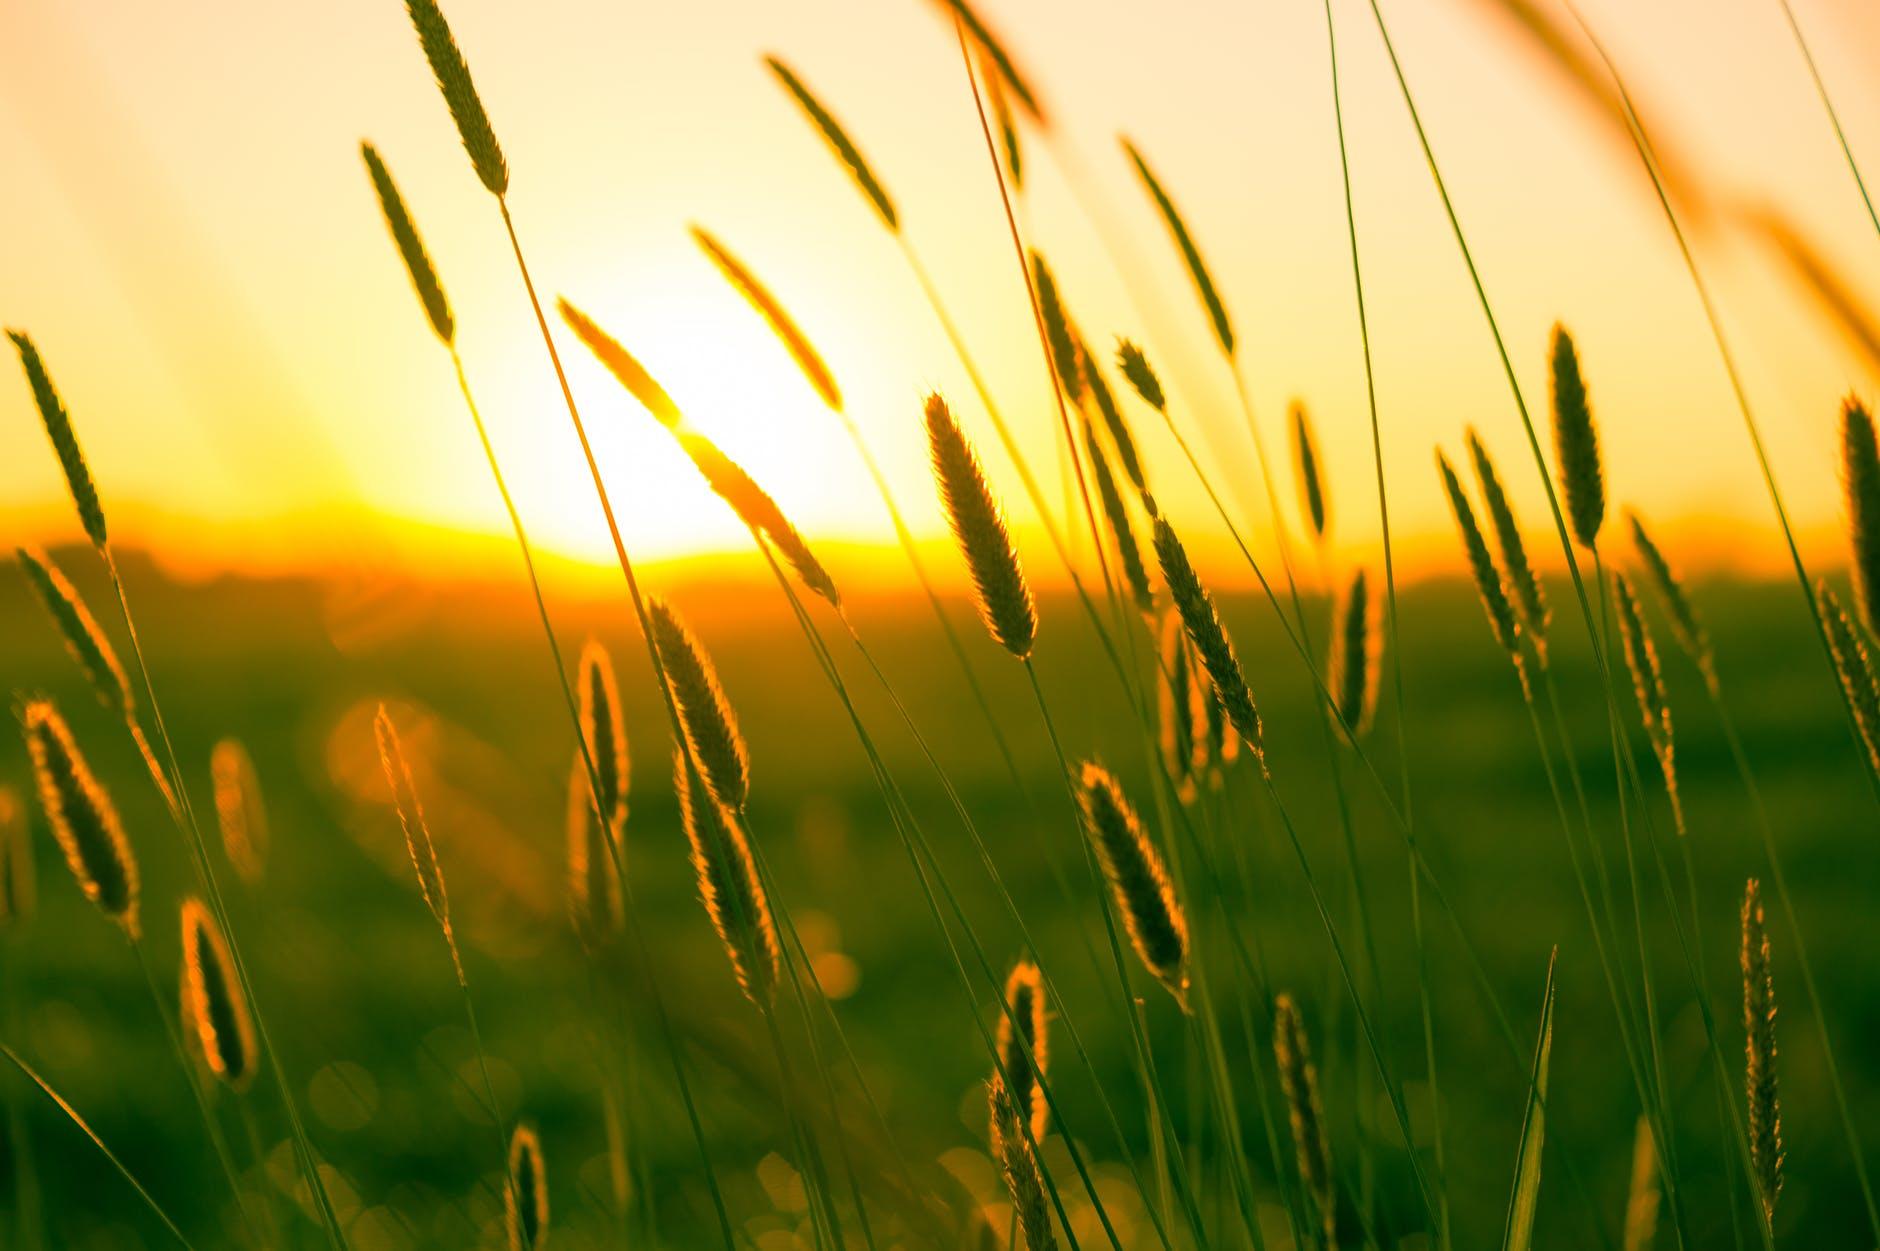 summer sun warmth field